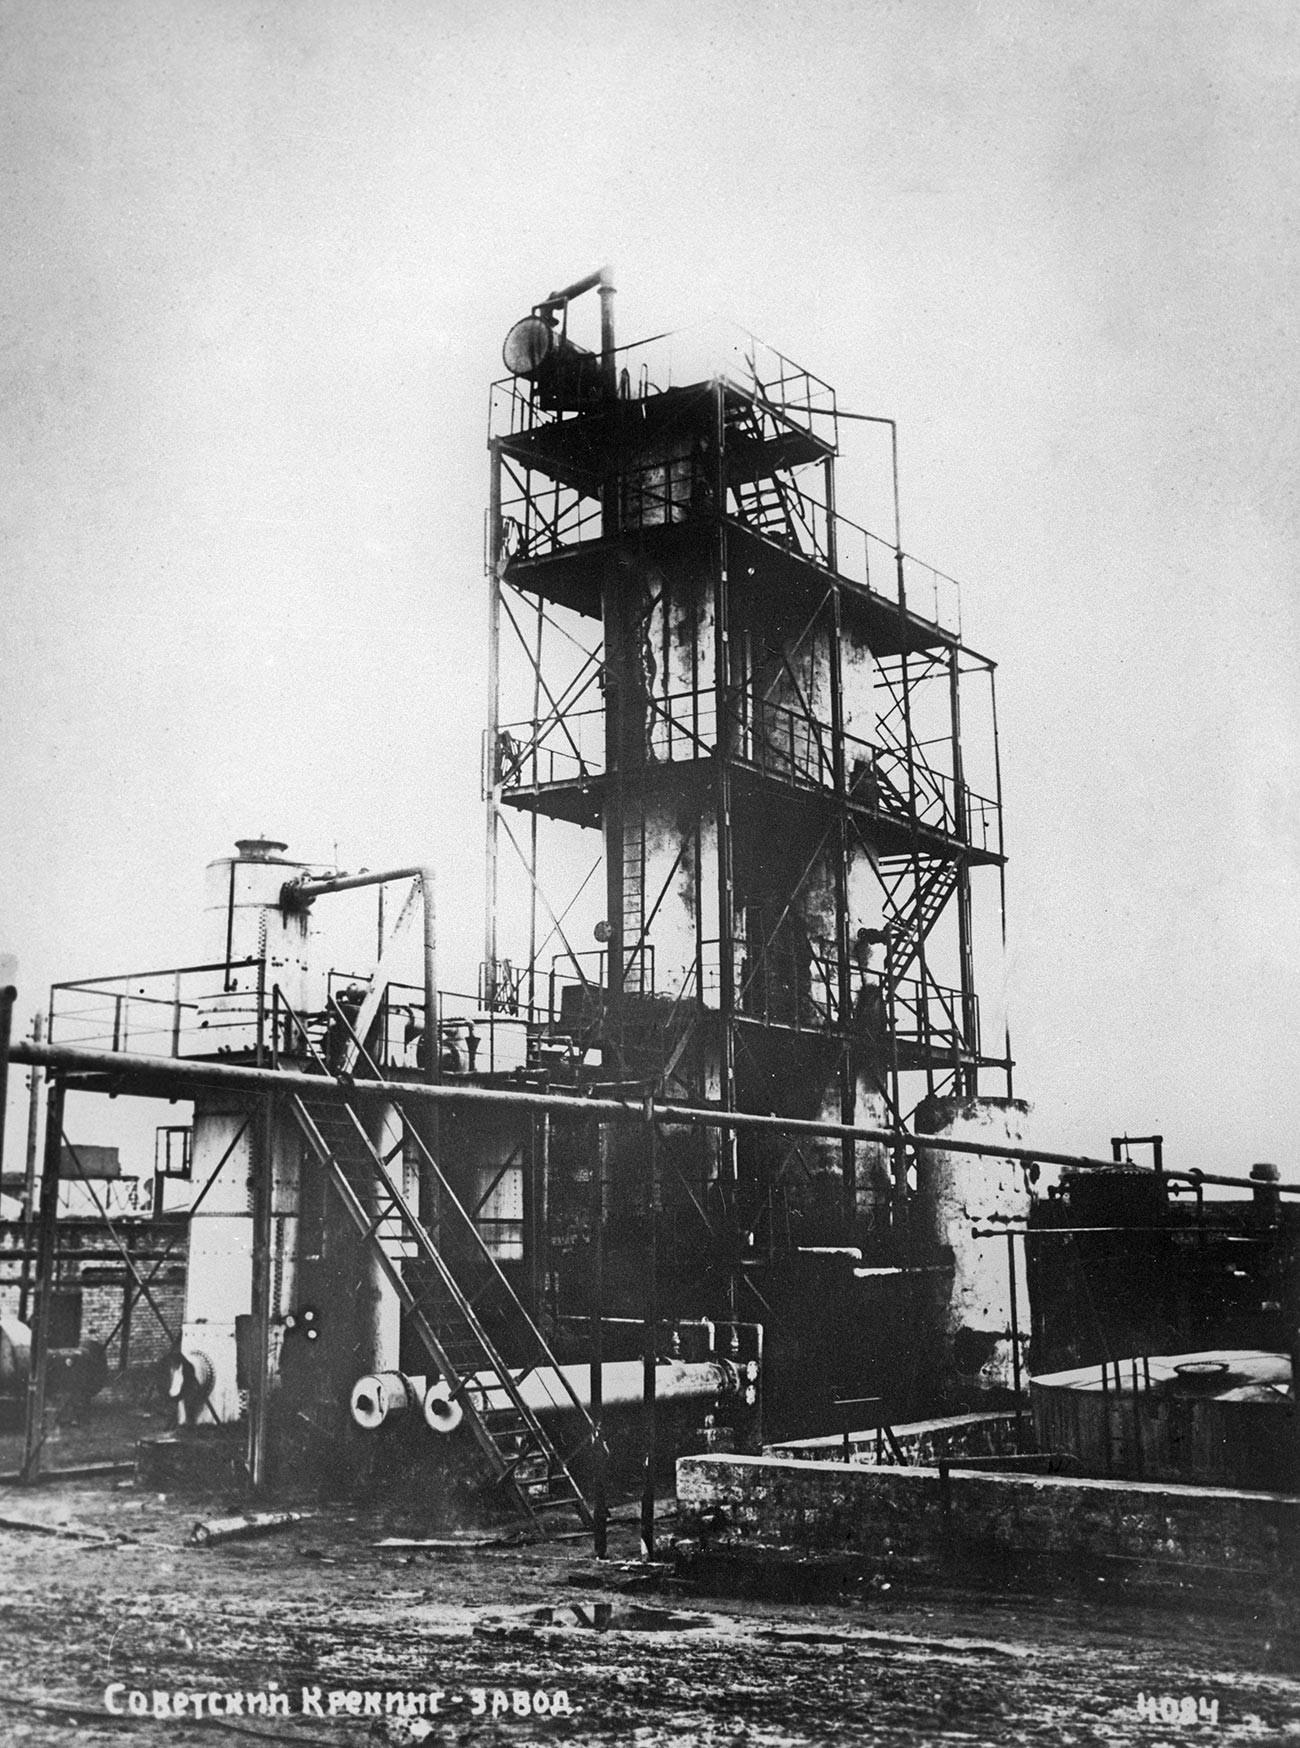 Naprava za termično krekiranje olja po Šuhovi metodi, Baku, ZSSR, 1934